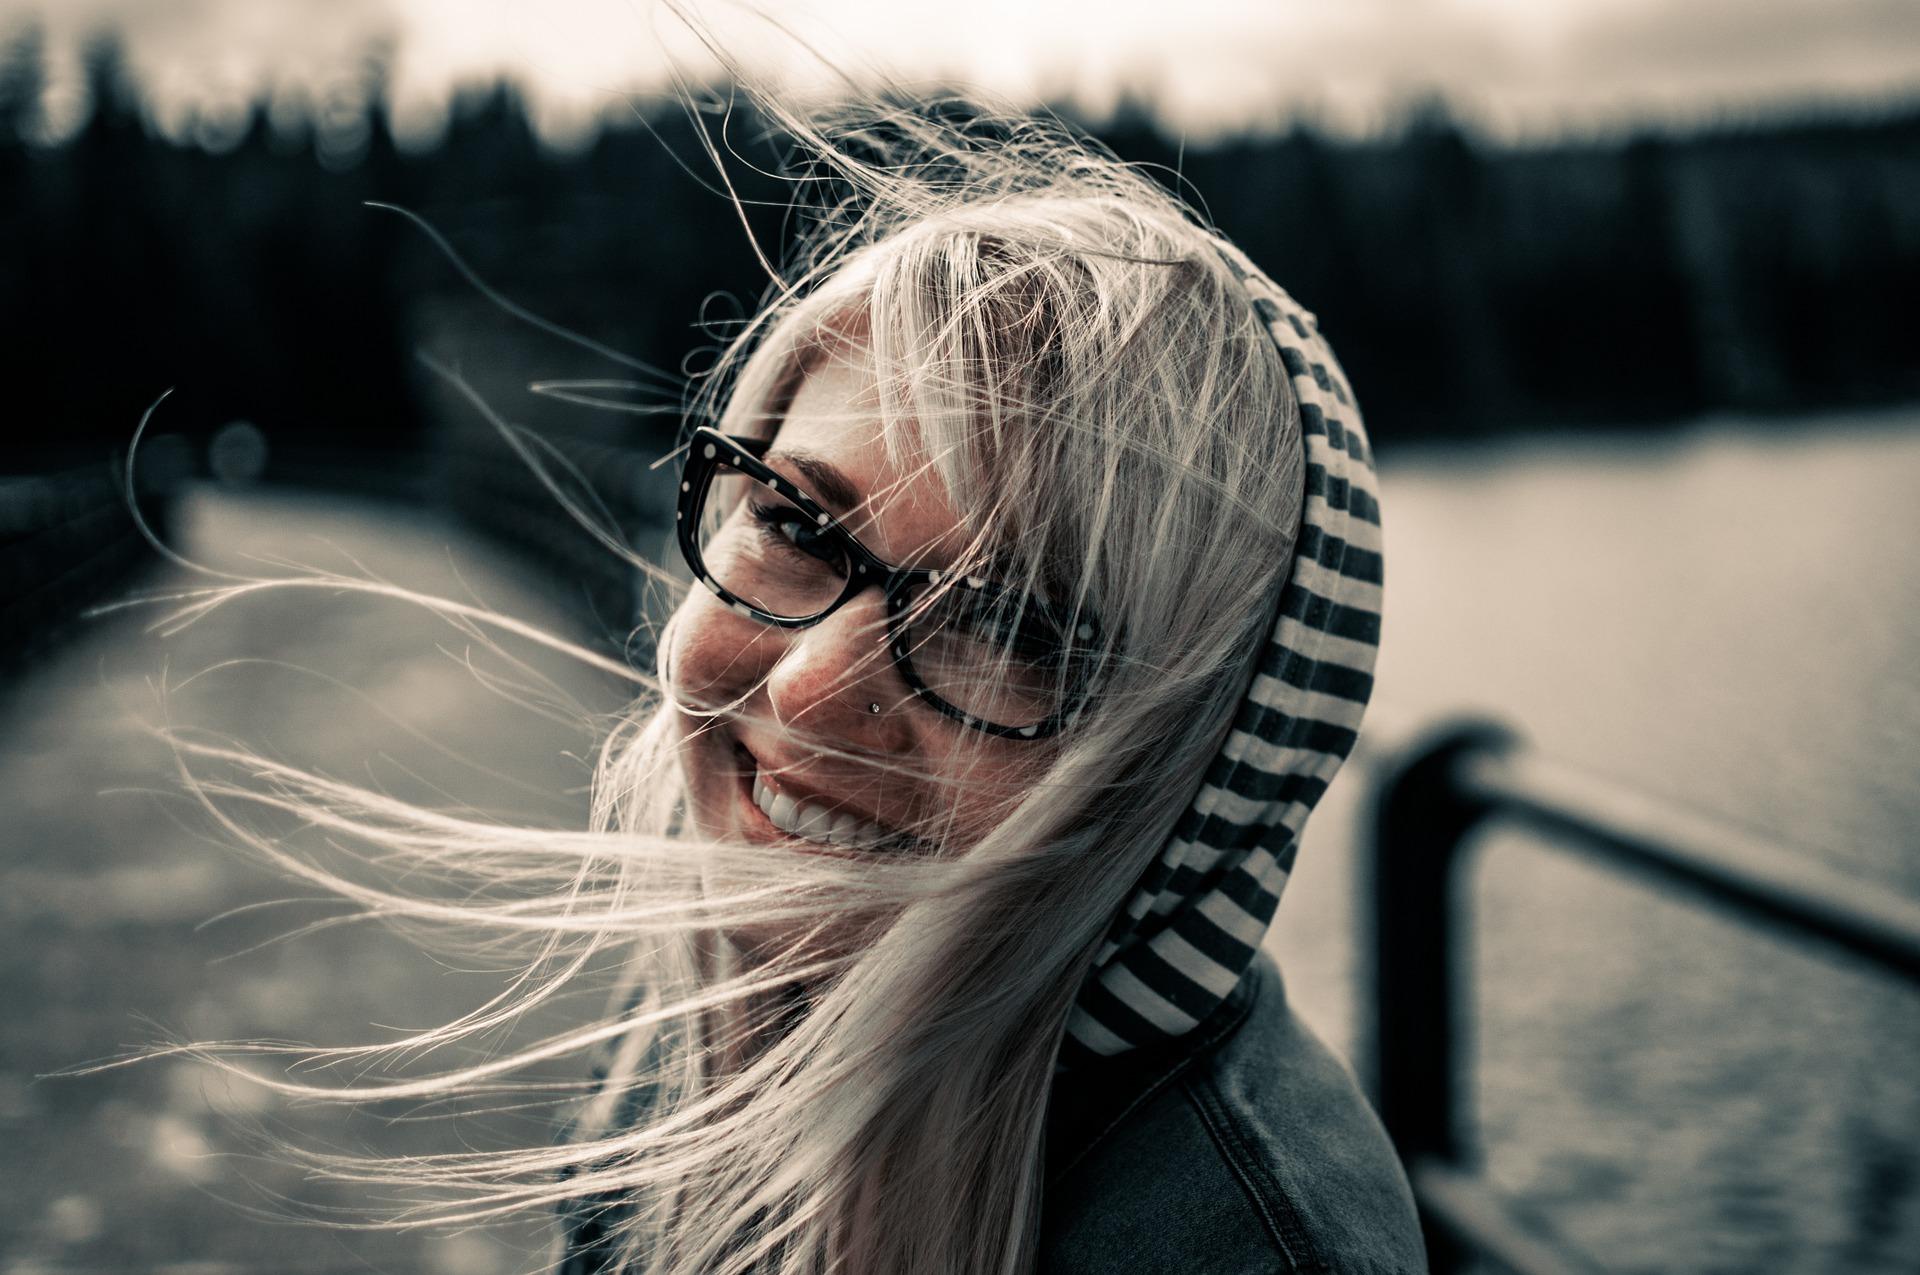 femme au cheveux blond souriante